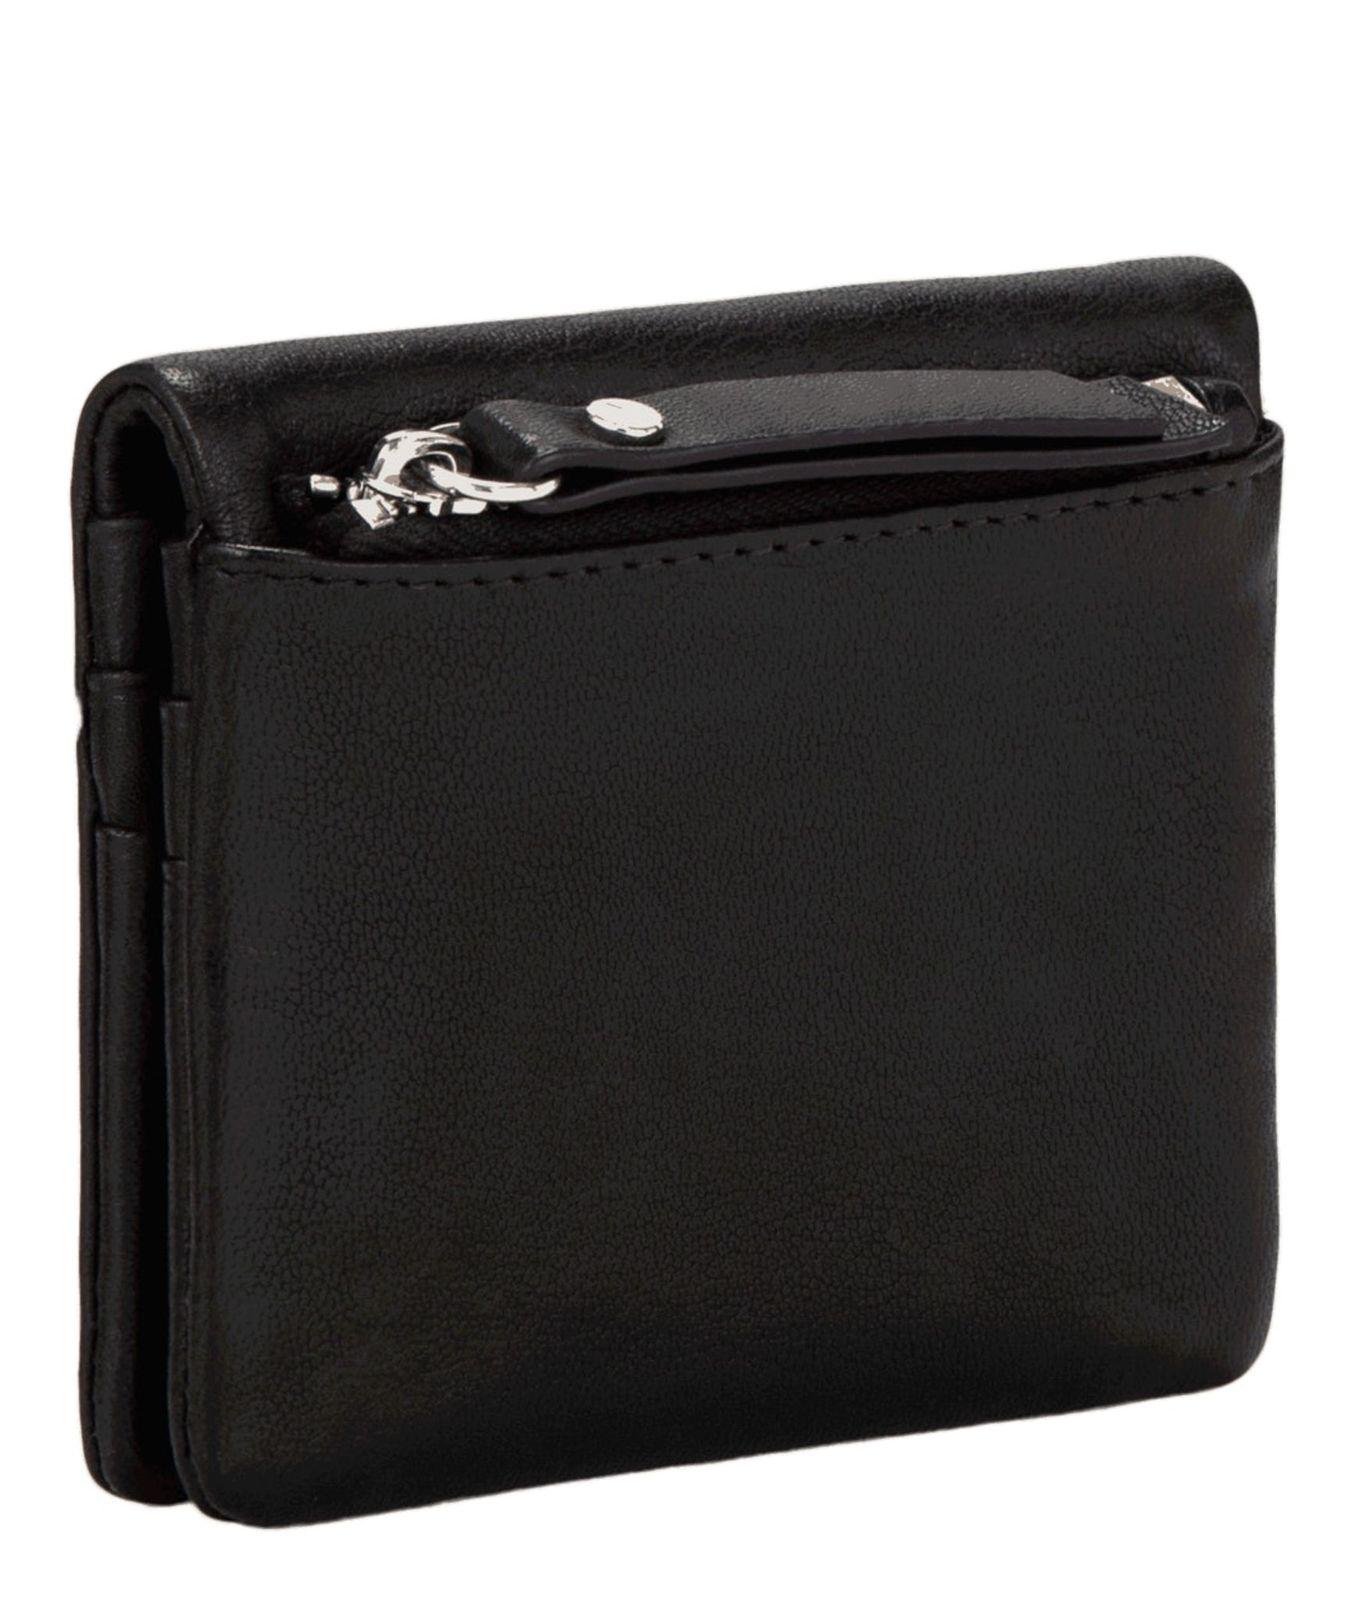 Liebeskind Berlin Pleat Wallet M Black